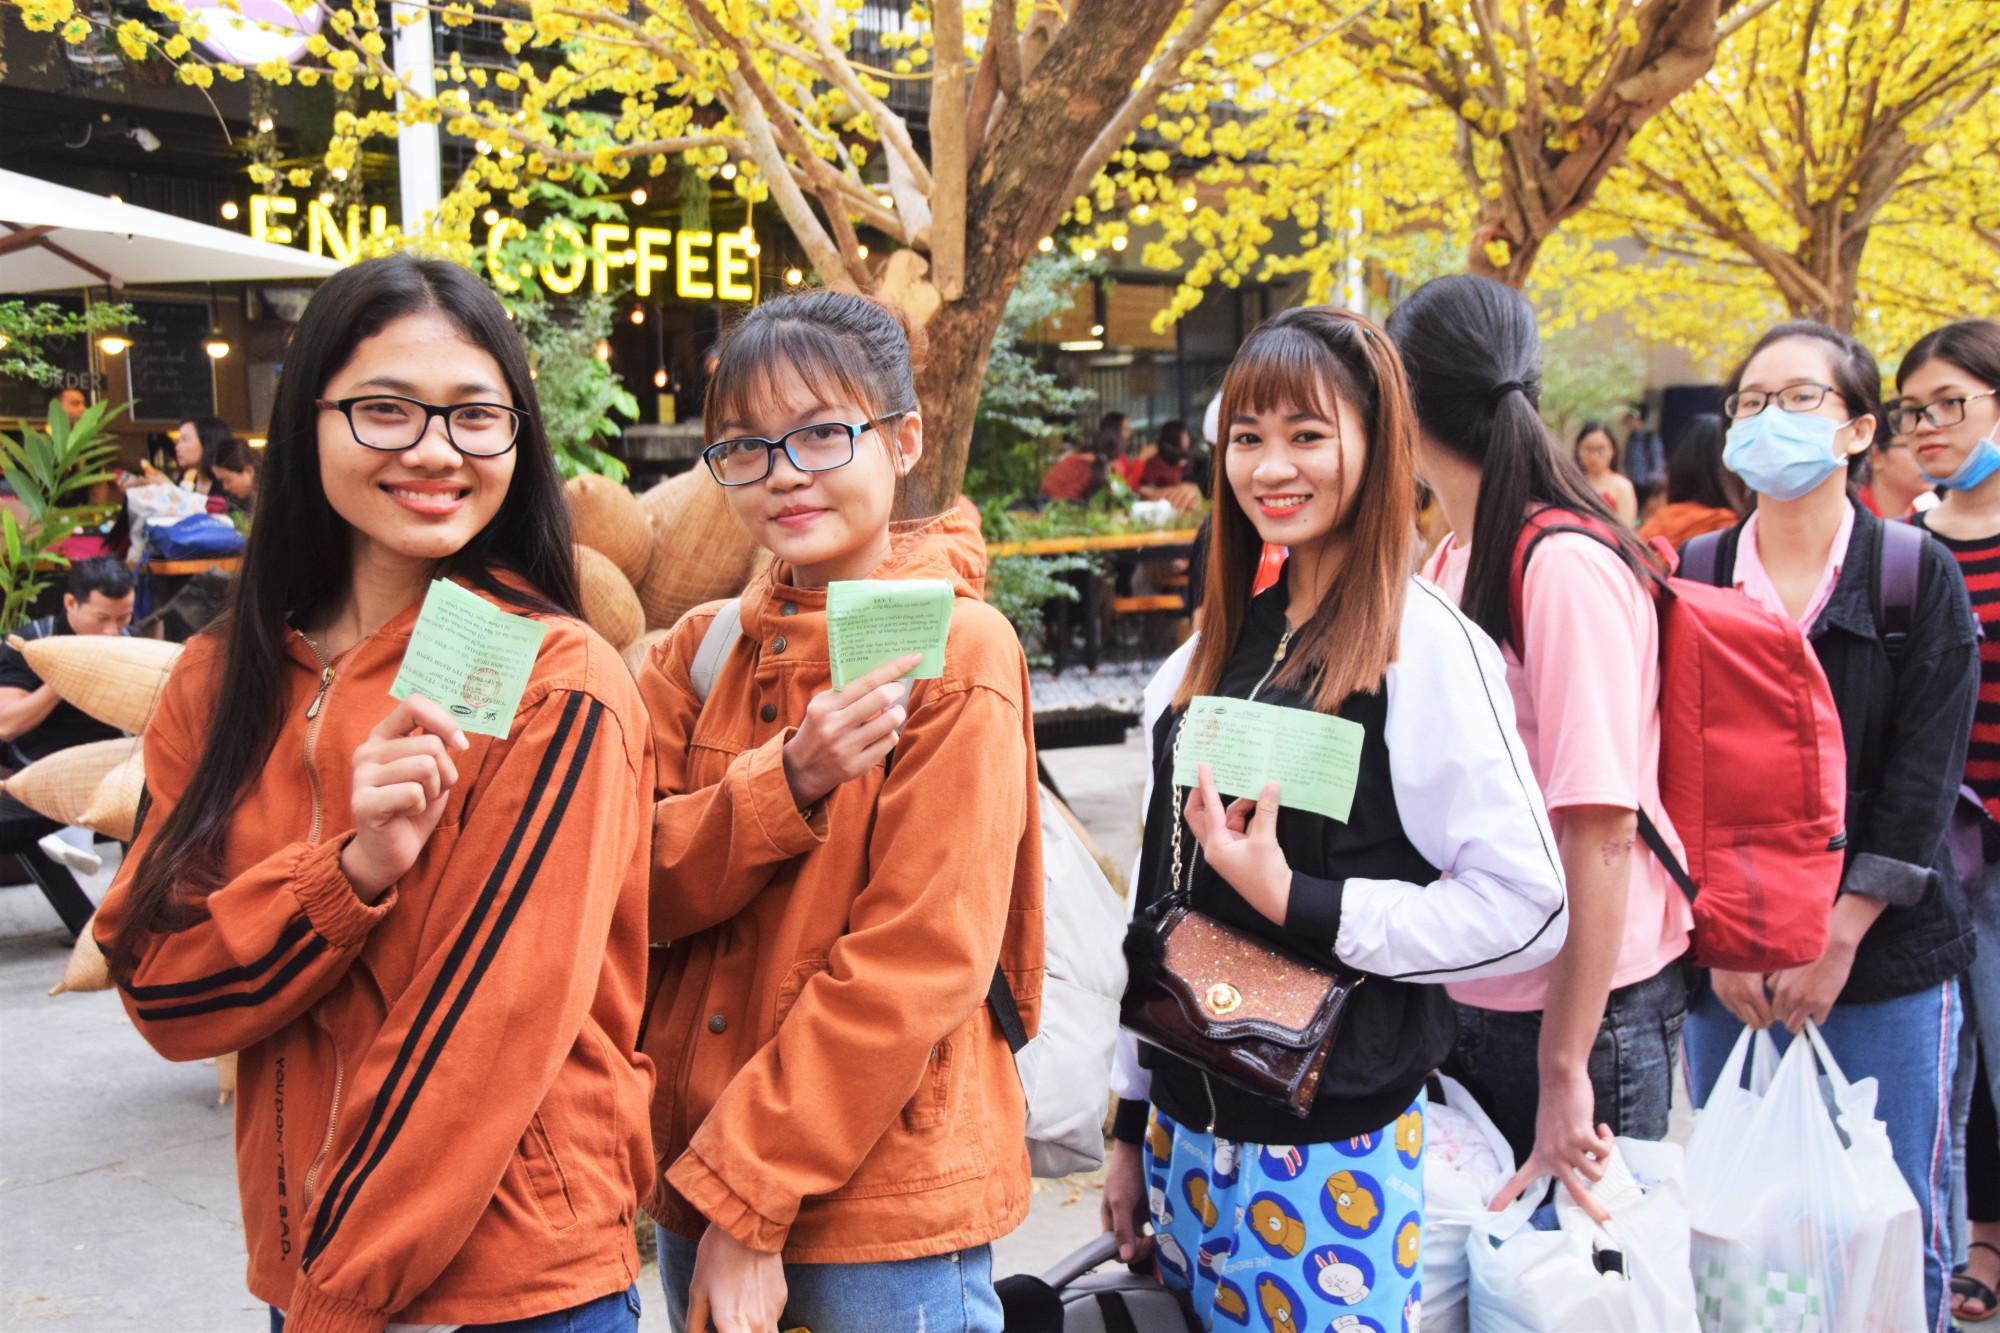 Sinh viên tỉnh Ninh Thuận phấn khởi khi được hỗ trợ về quê đón Tết cùng gia đình